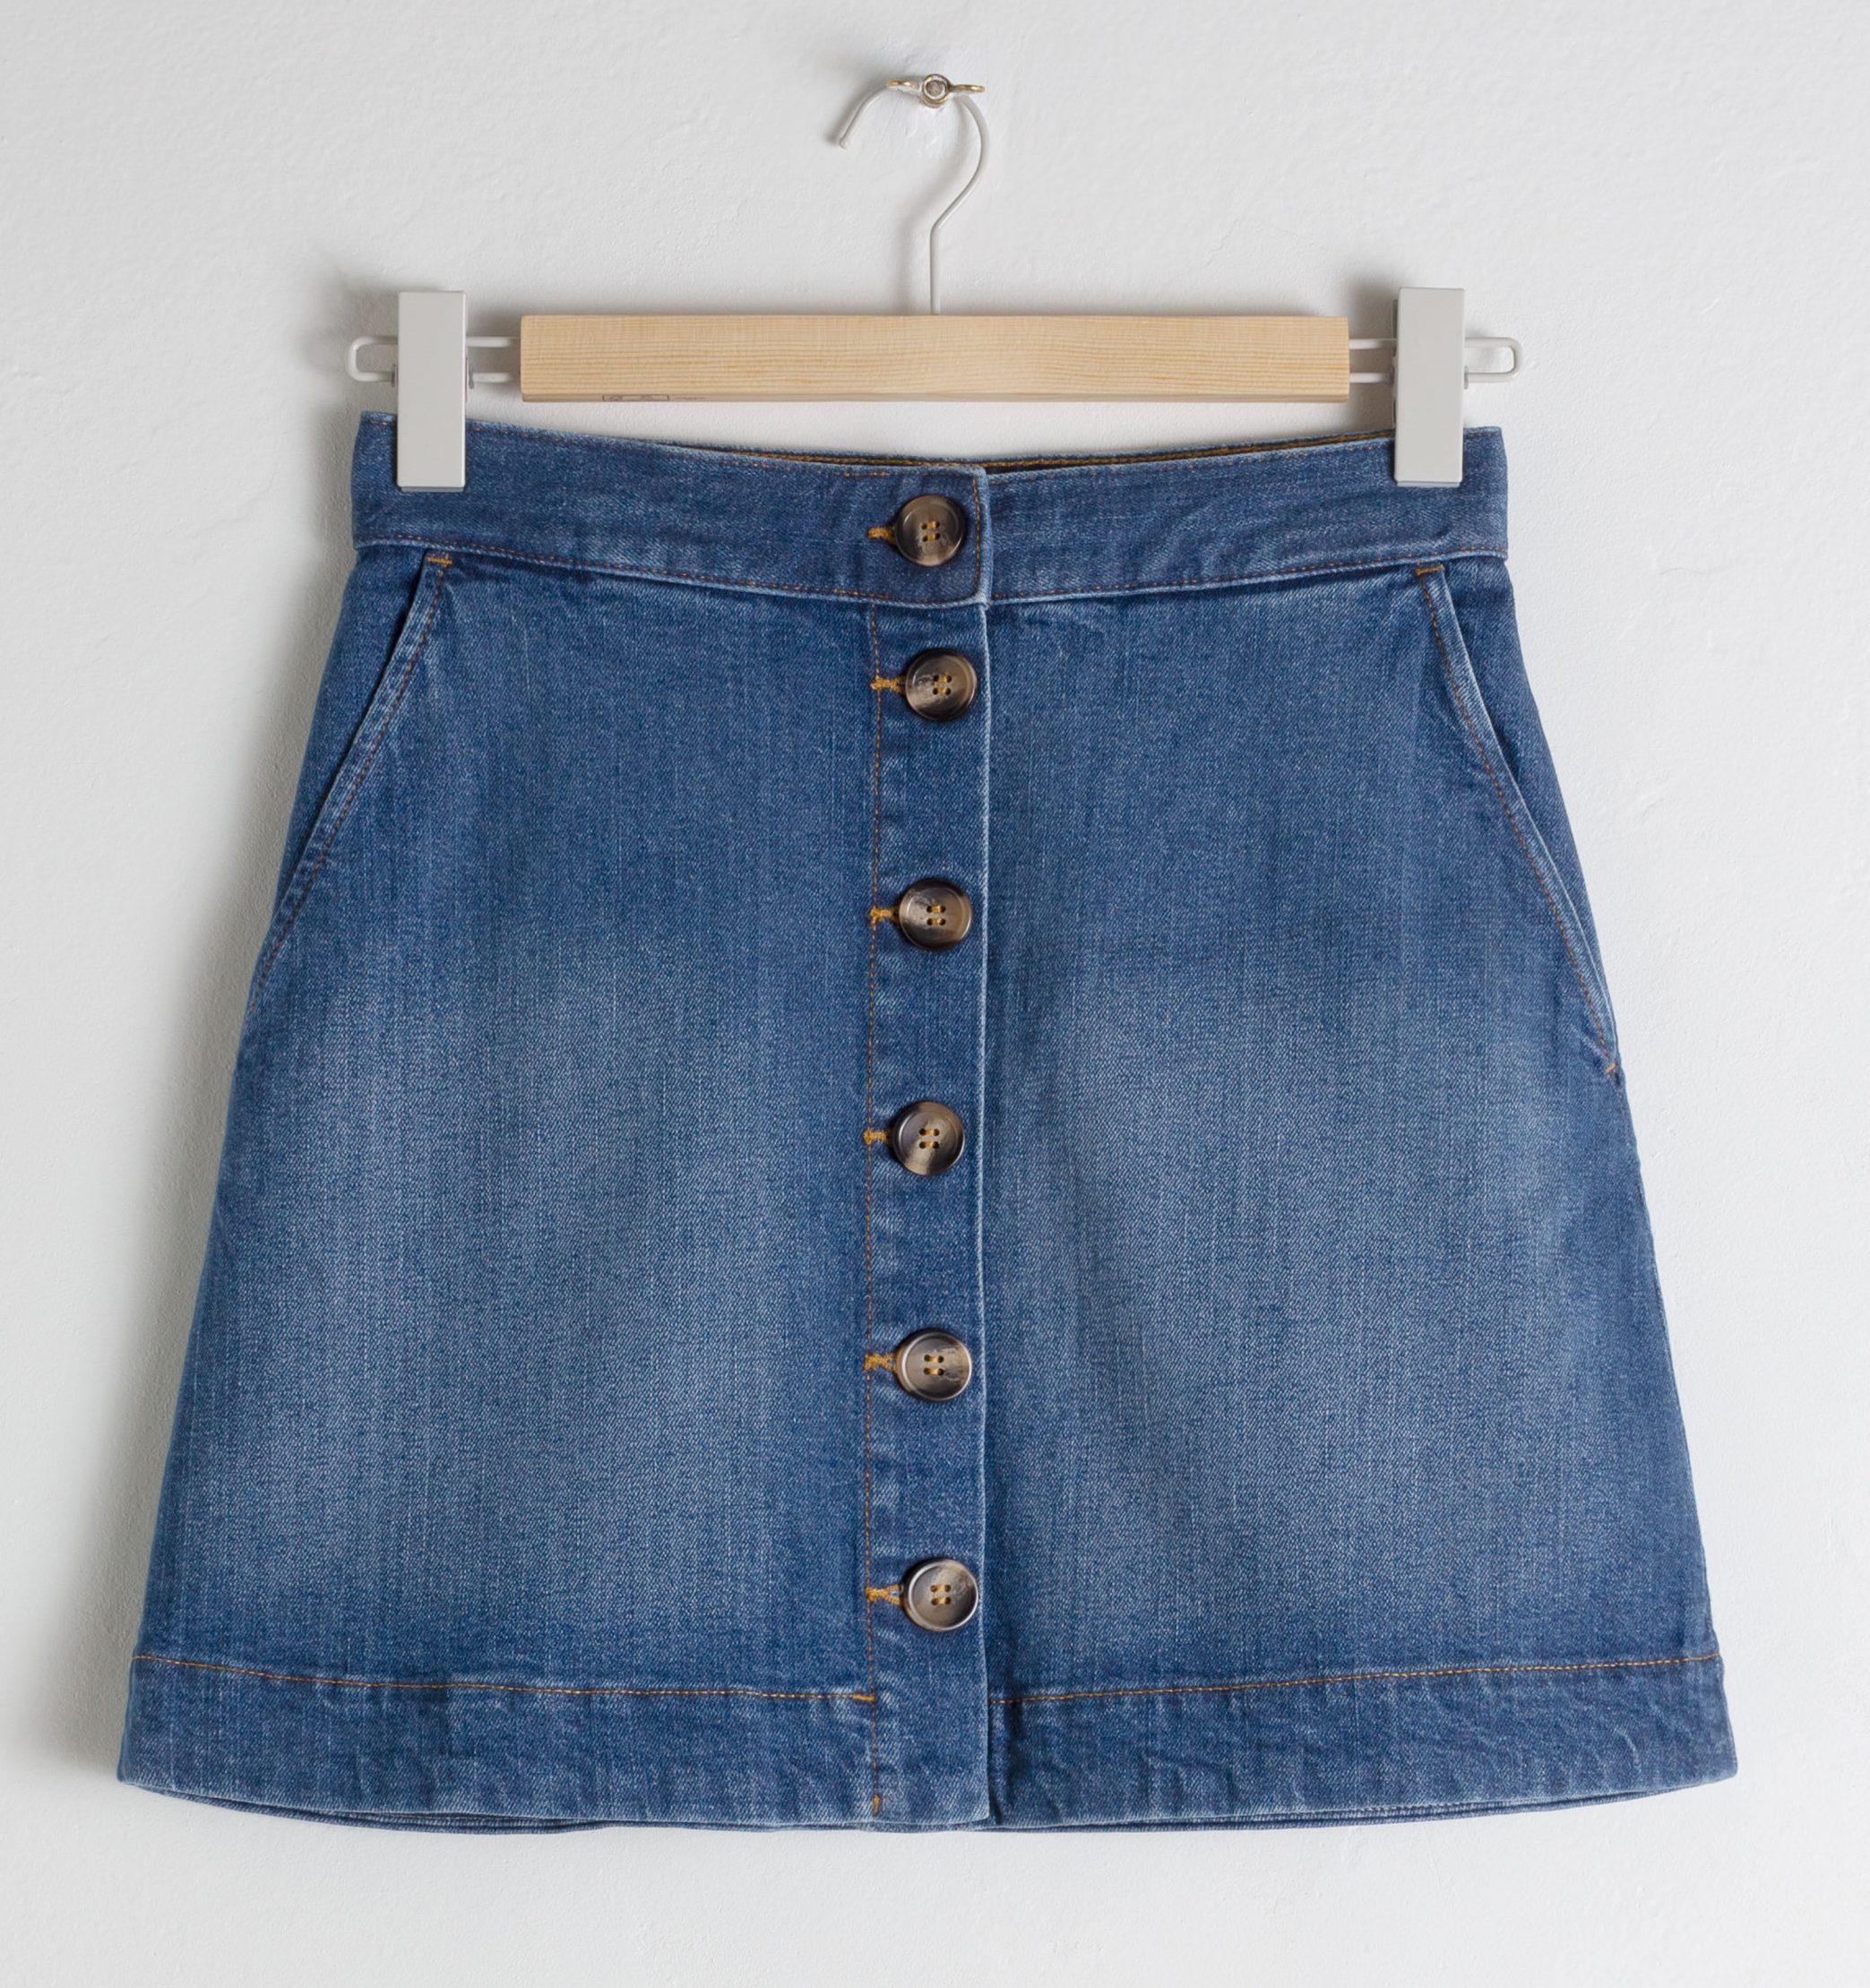 Denim nederdel, blå, mørkeblå. (Foto: PR)